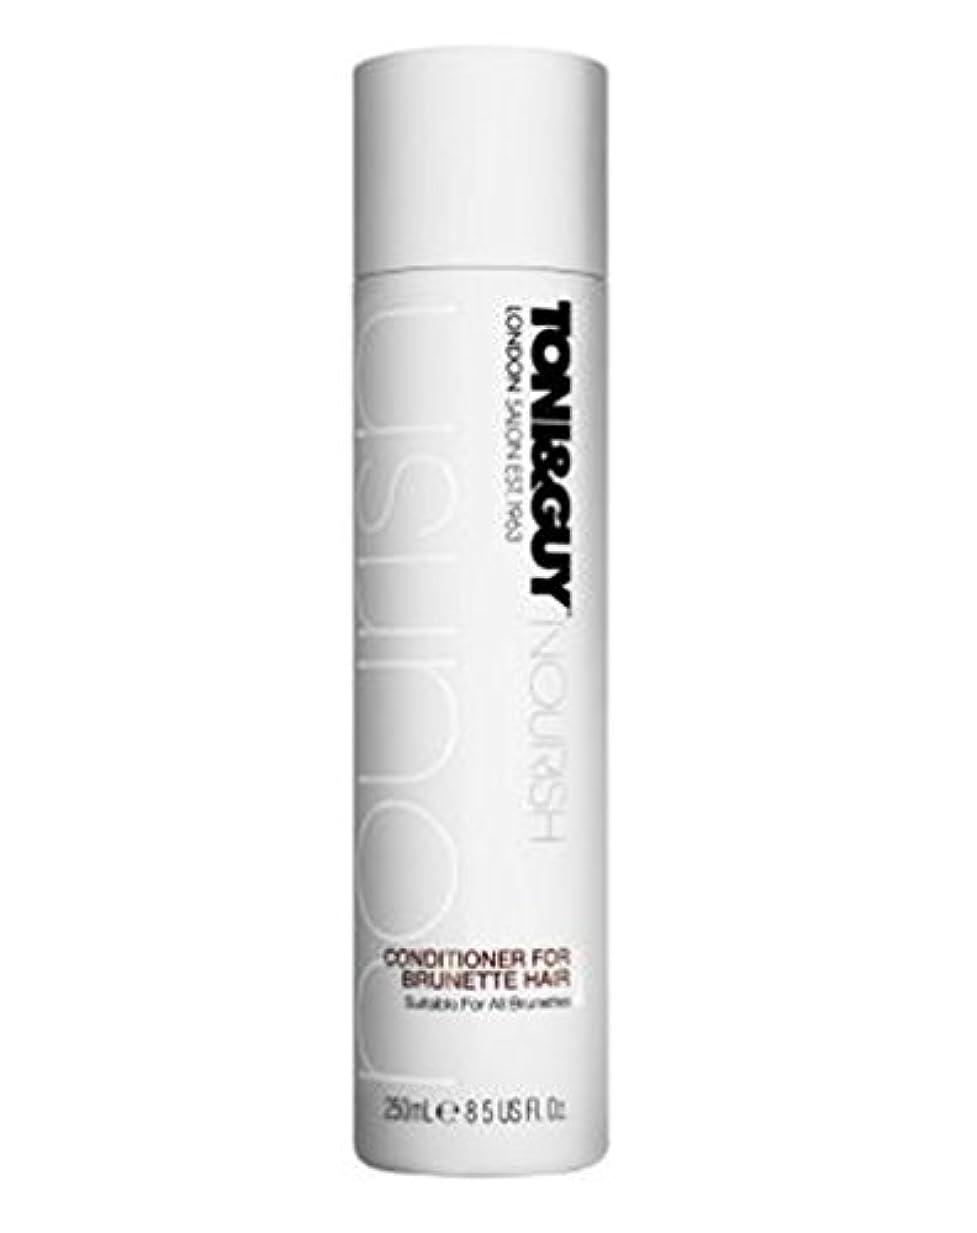 研磨動機付けるガイダンストニ&男はブルネットの髪の250ミリリットルのためにコンディショナーを養います (Toni & Guy) (x2) - Toni&Guy Nourish Conditioner for Brunette Hair 250ml...